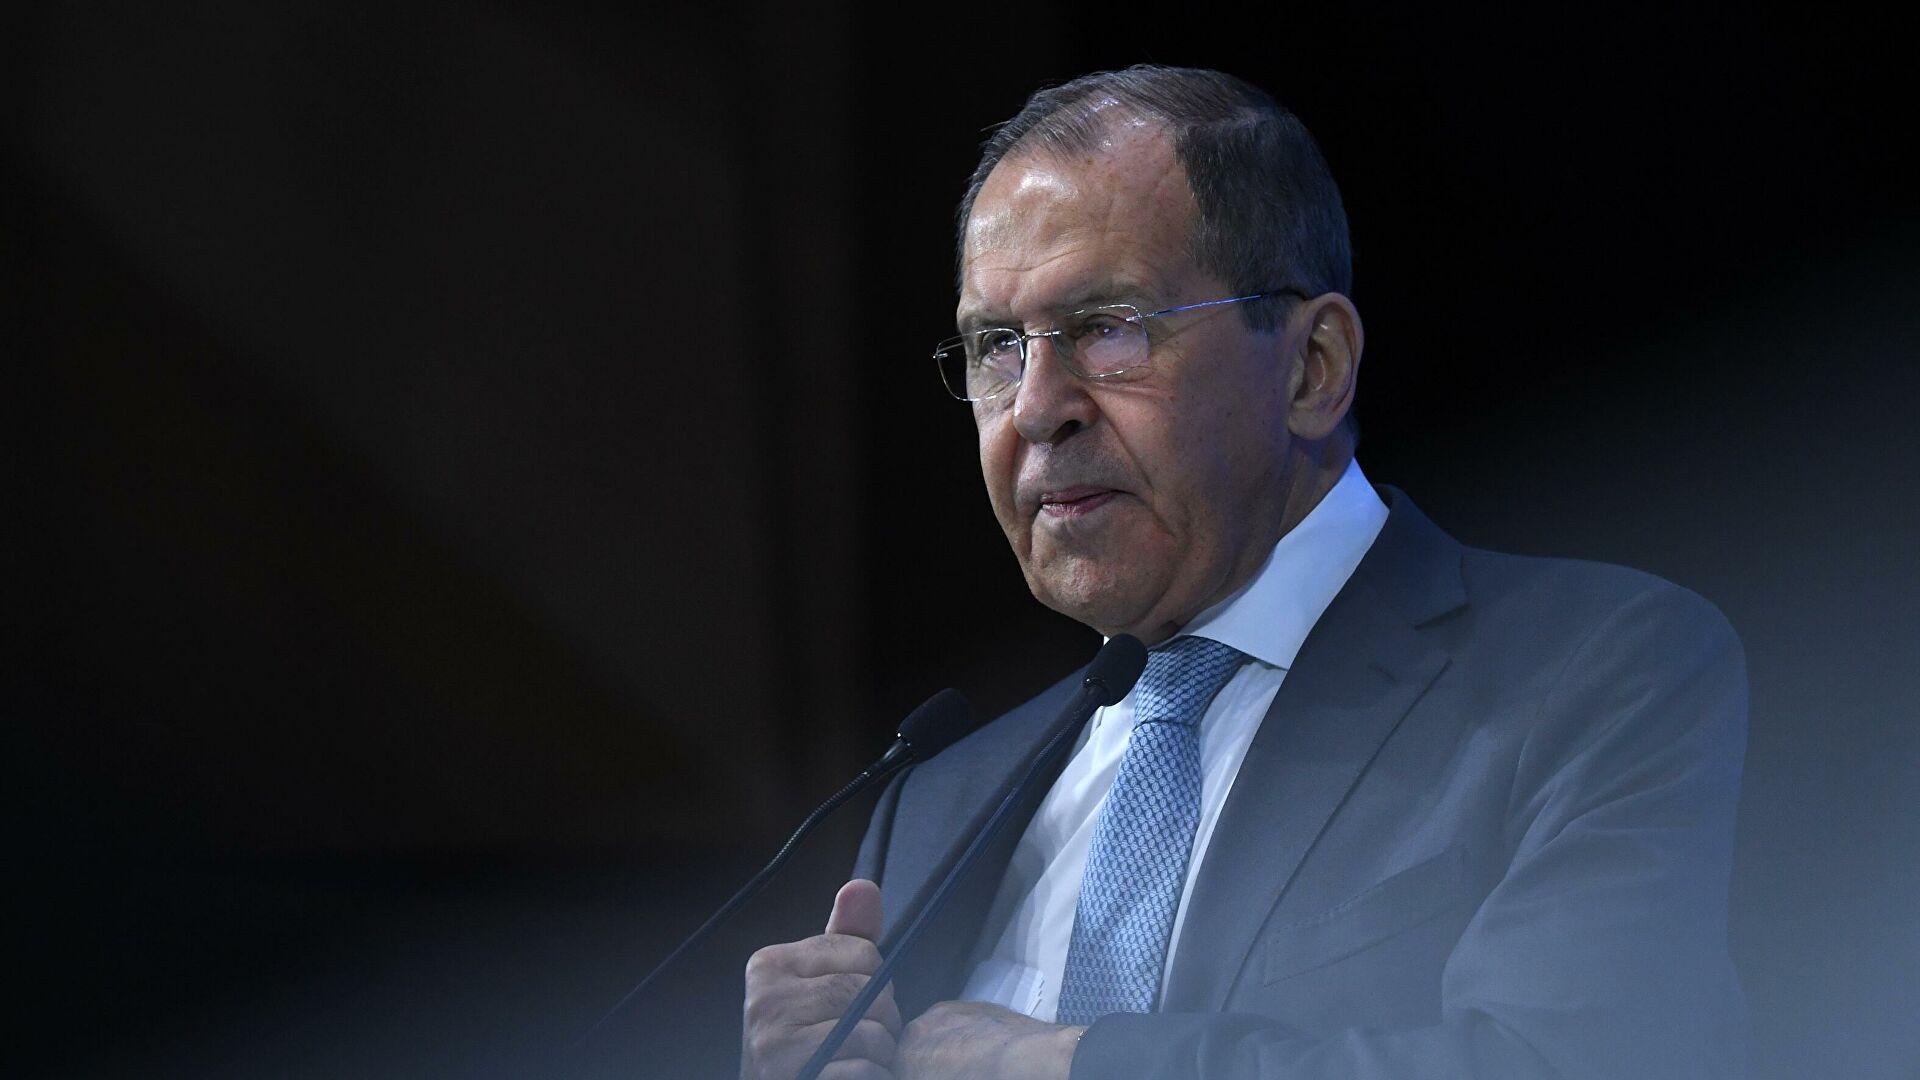 Лавров: Наставићемо да одговарамо на било какве провокације и непријатељске кораке ЕУ